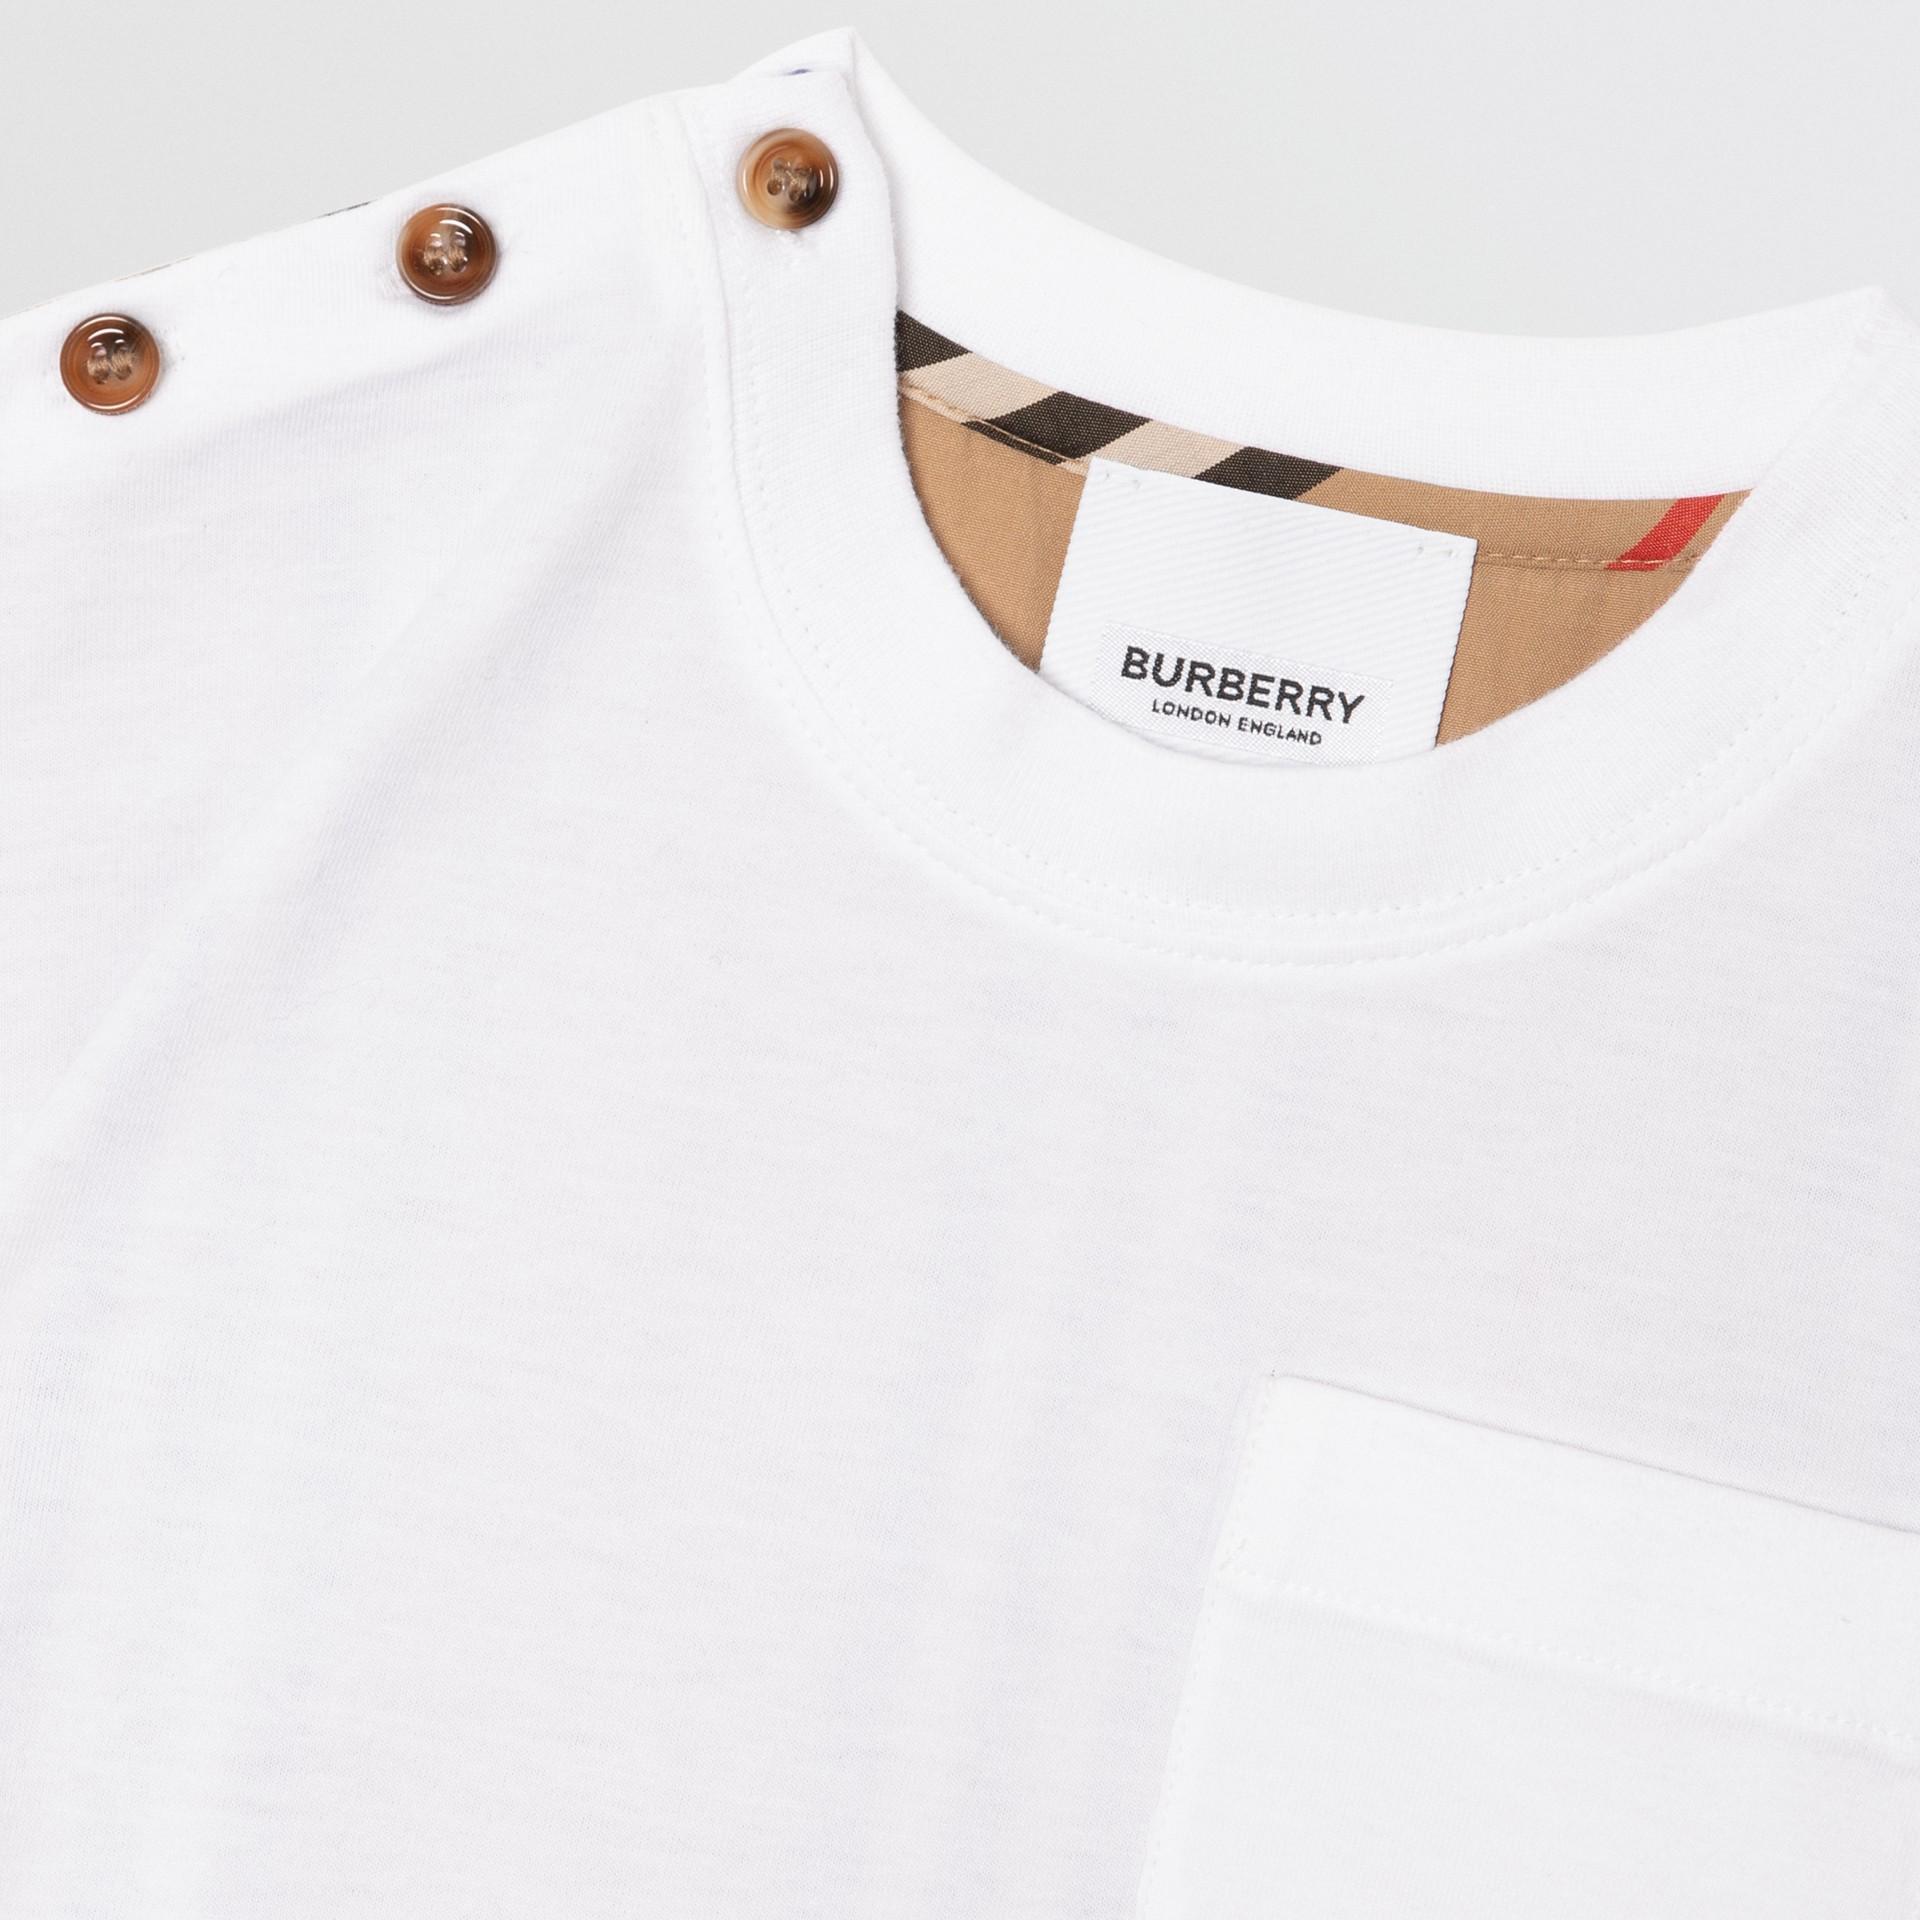 アイコンストライプパネル コットンTシャツ (ホワイト/アーカイブベージュ) - チルドレンズ | バーバリー - ギャラリーイメージ 1